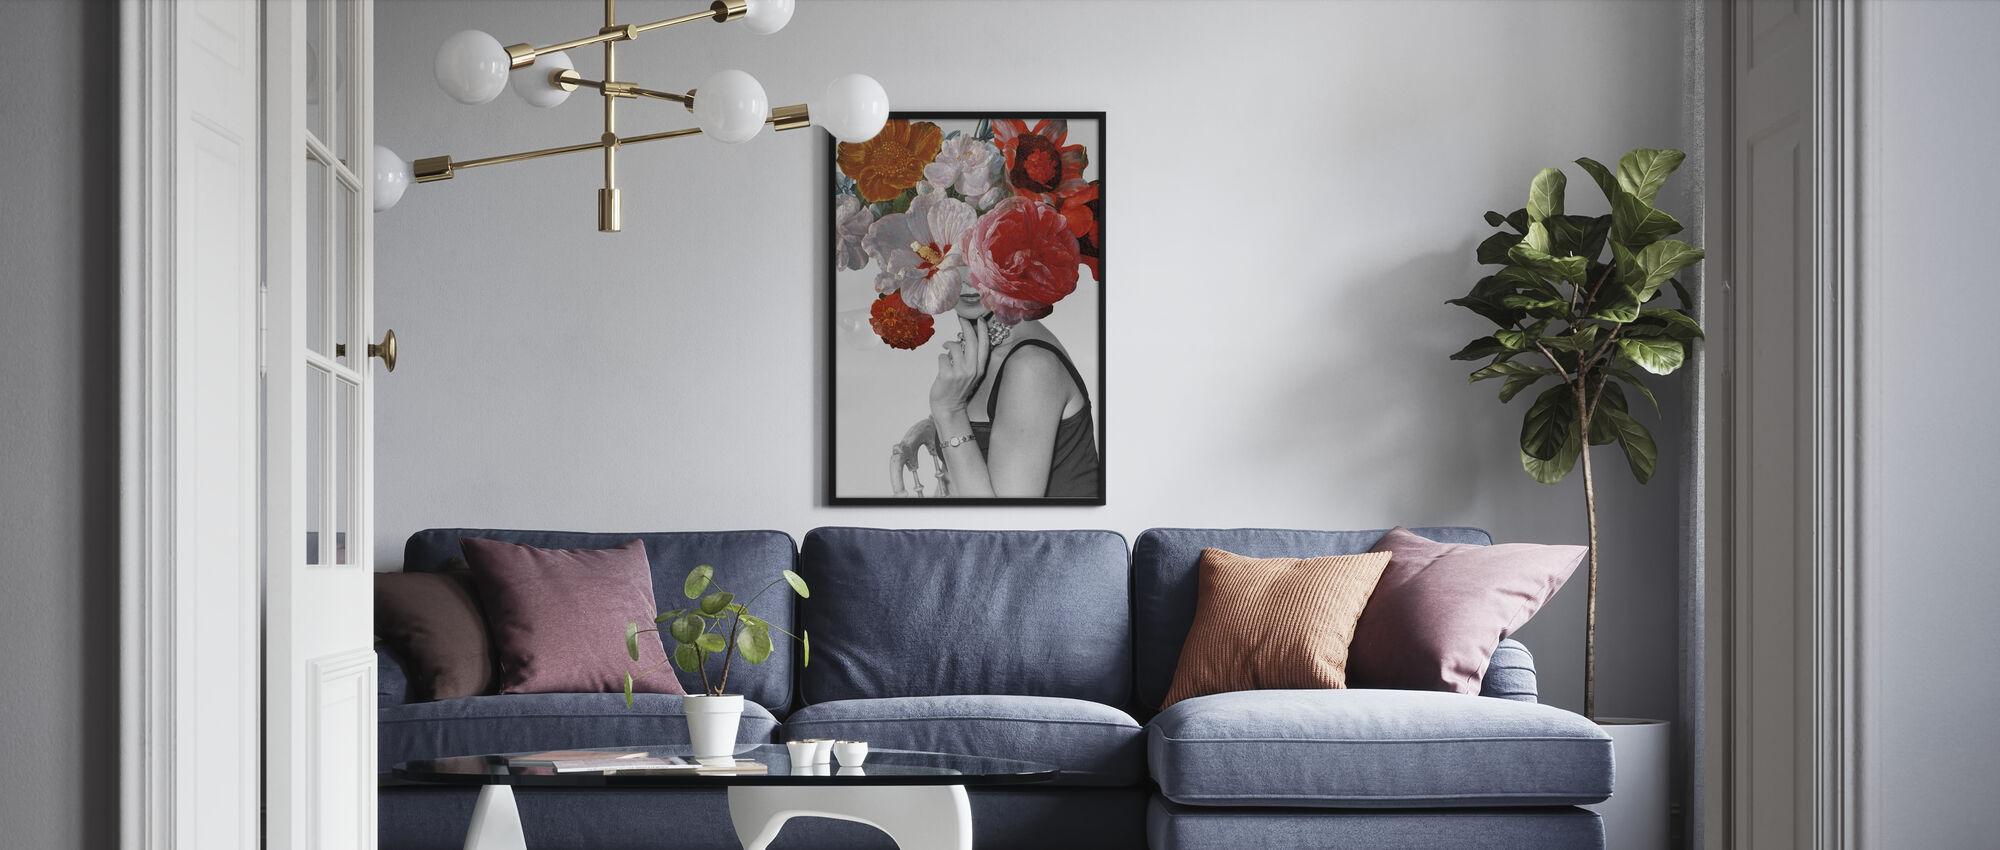 Garden Party II - Poster - Living Room